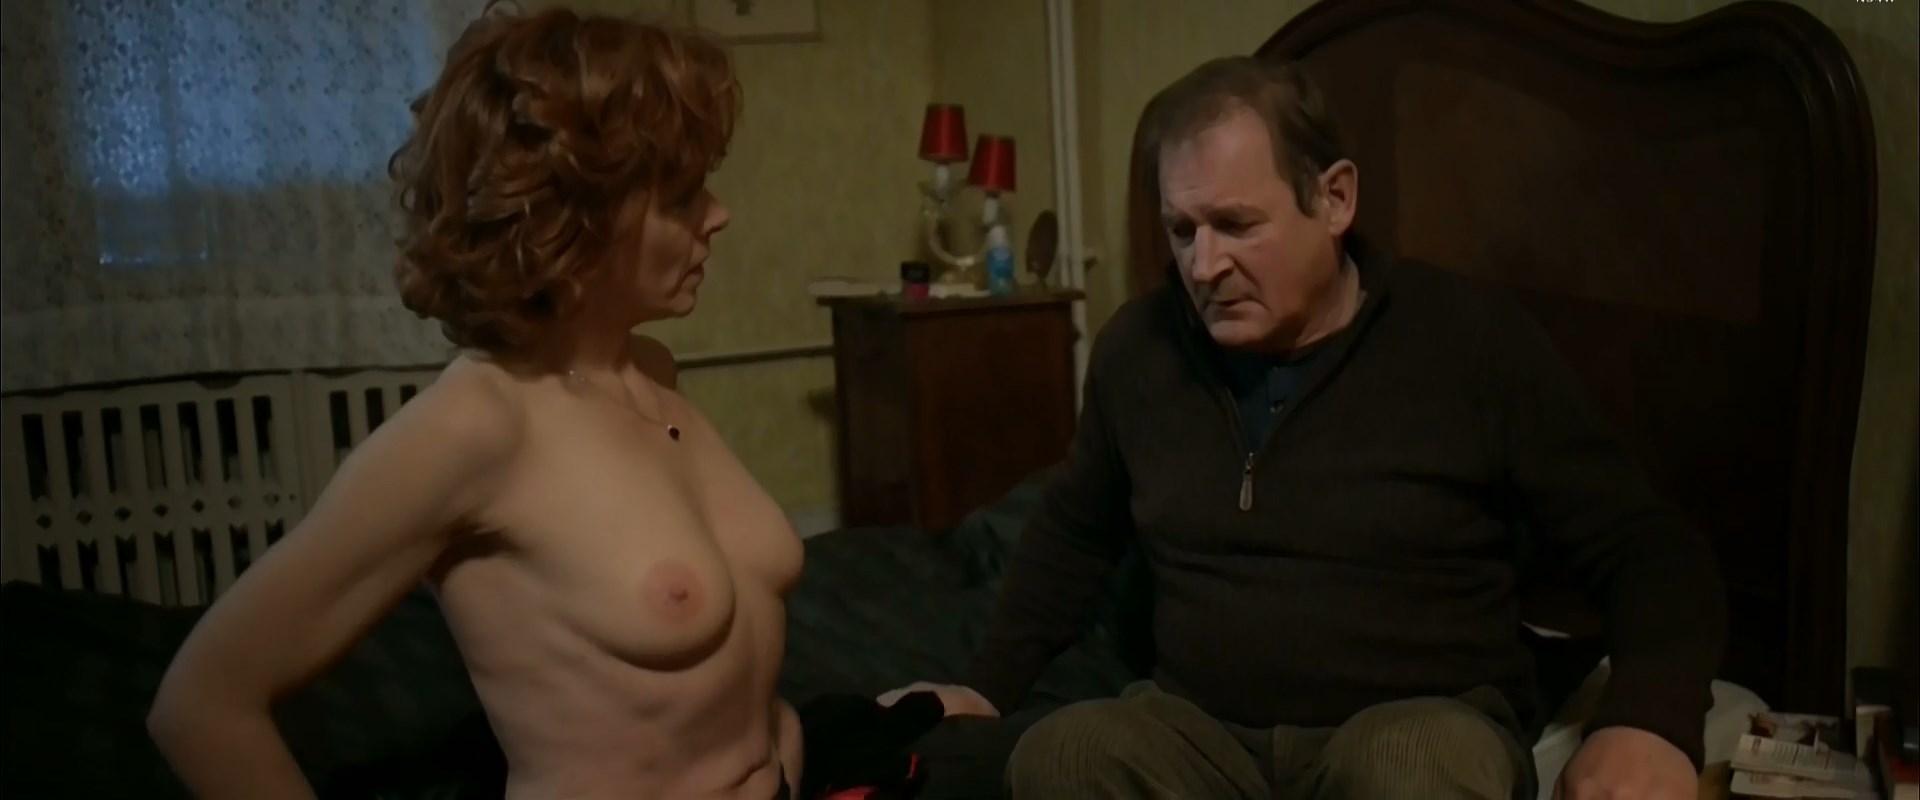 Rojas  nackt Susana Eva LaRue